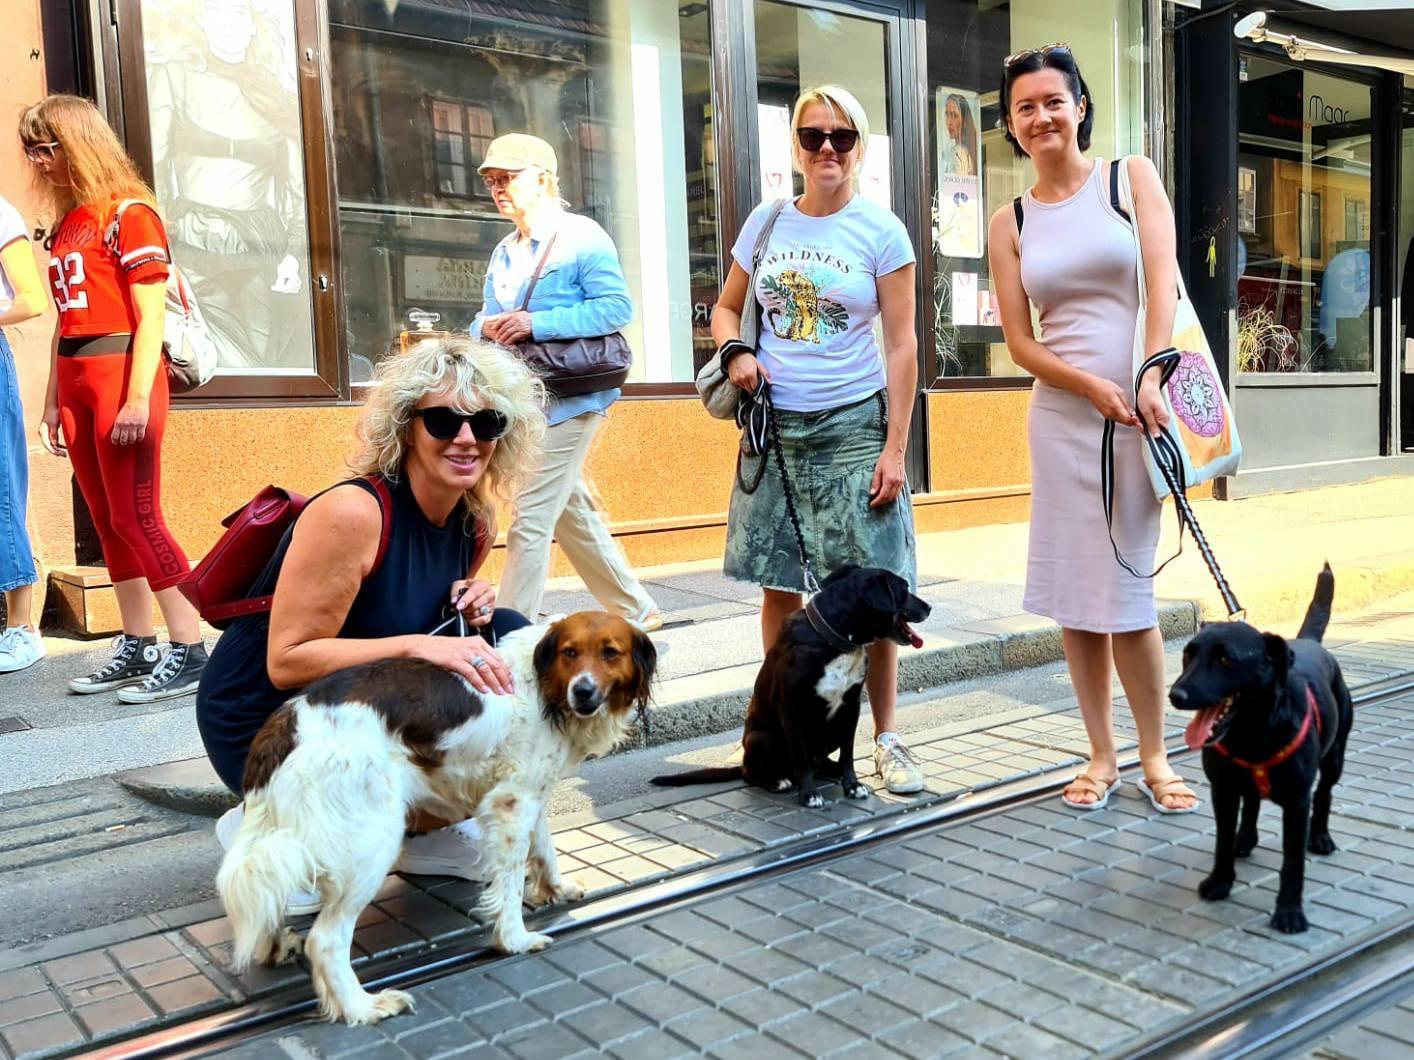 Napušteni: U praznim izlozima Ilice zrcalili su se napušteni psi